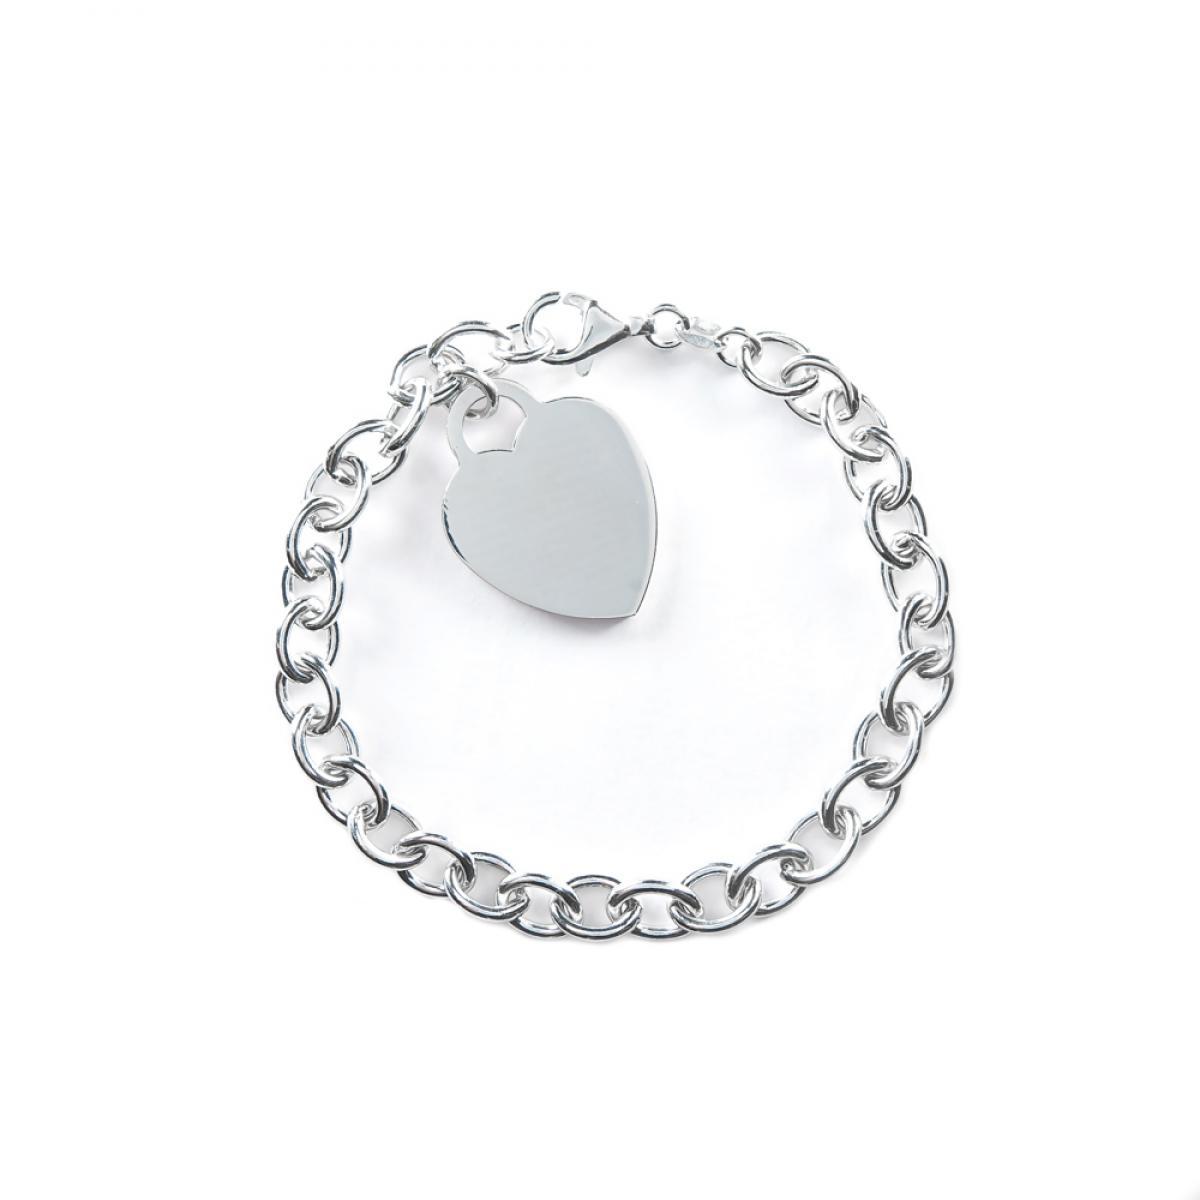 Срібний ланцюговий браслет ``Серце`` (розмір 18.5)